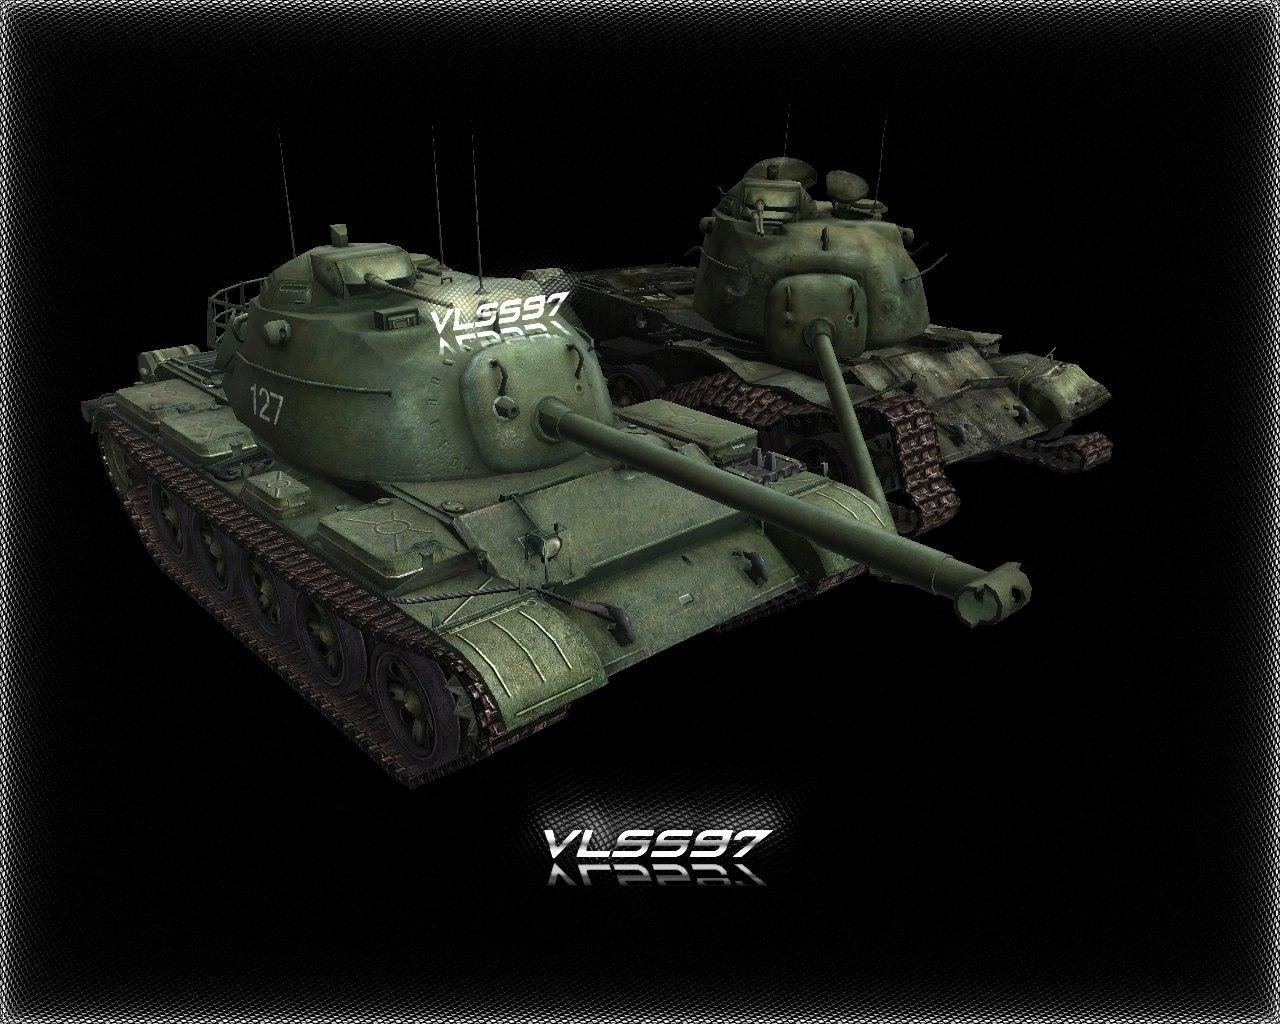 Скачать type59_Turret_m48a3 (гибрид) - автор VLSS97 — бесплатно